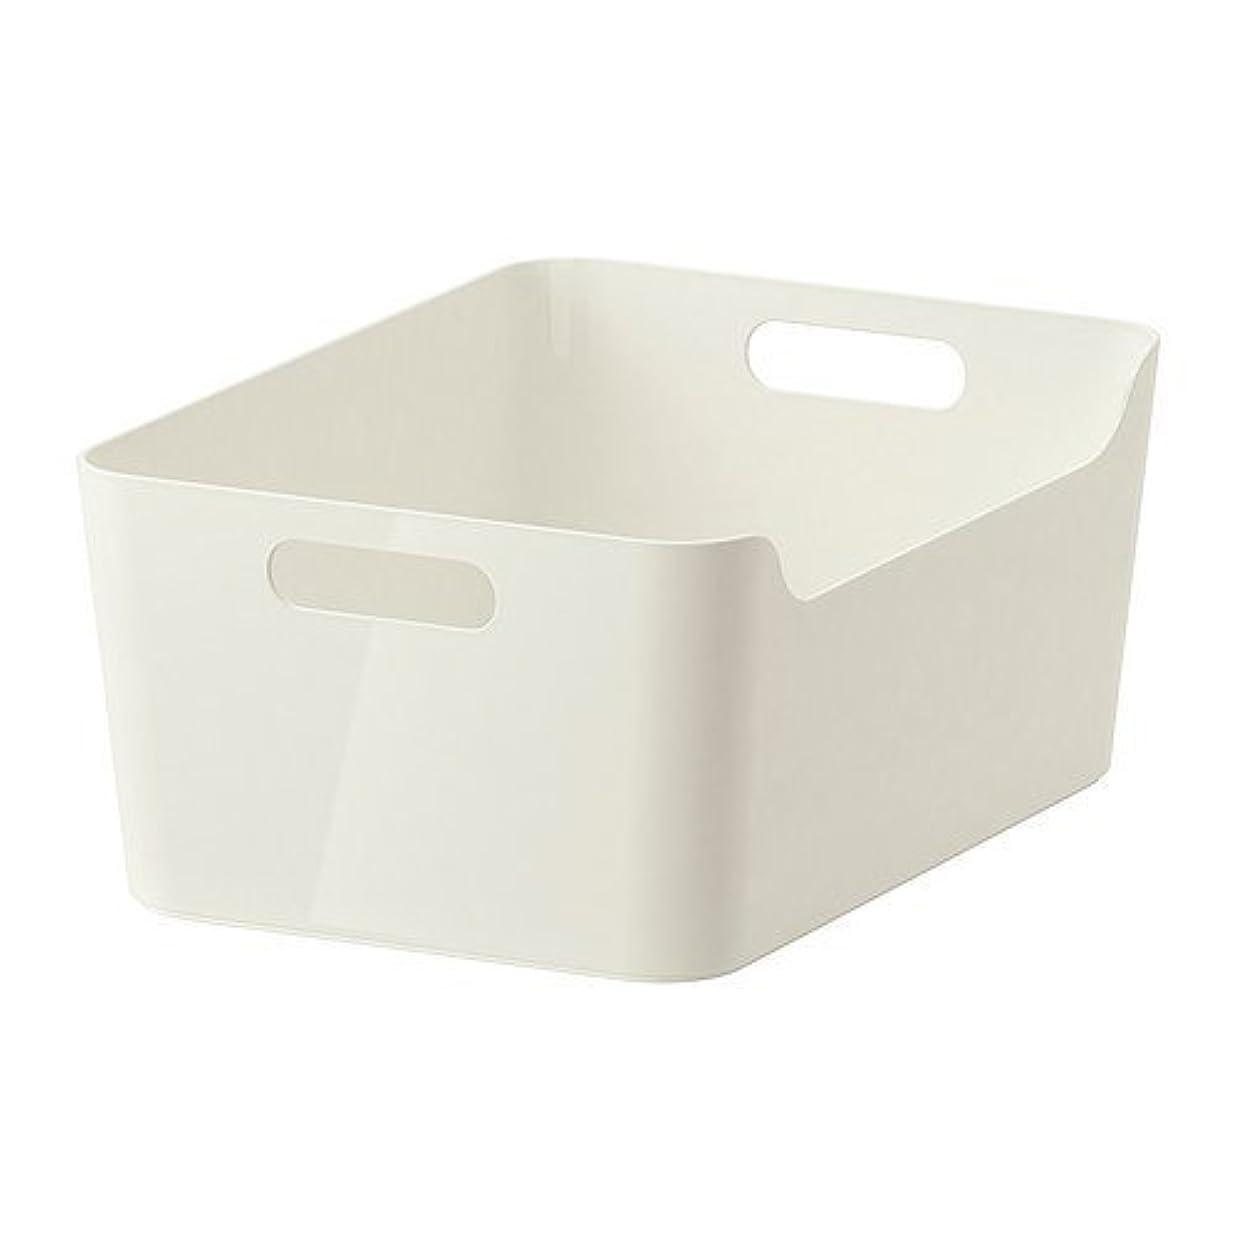 IKEA(イケア) RATIONELL VARIERA ホワイト 34x24 cm 50177256 ボックス、ホワイト